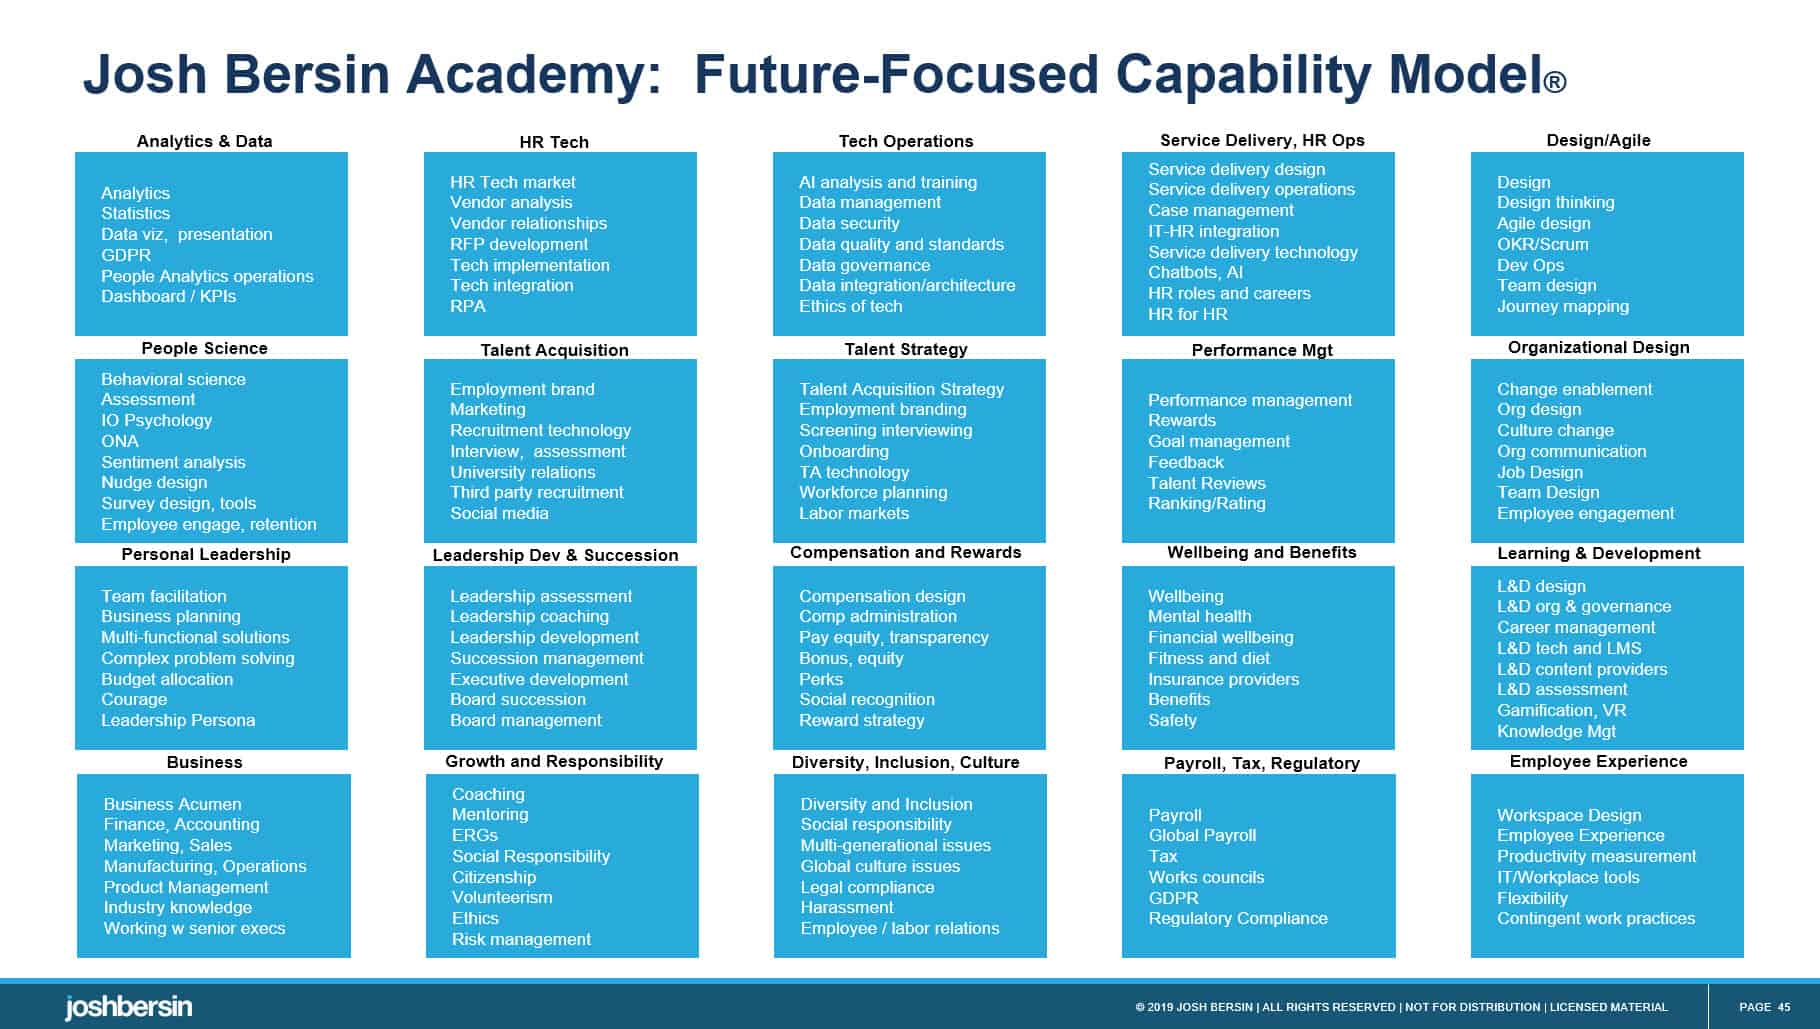 JBA capabilities